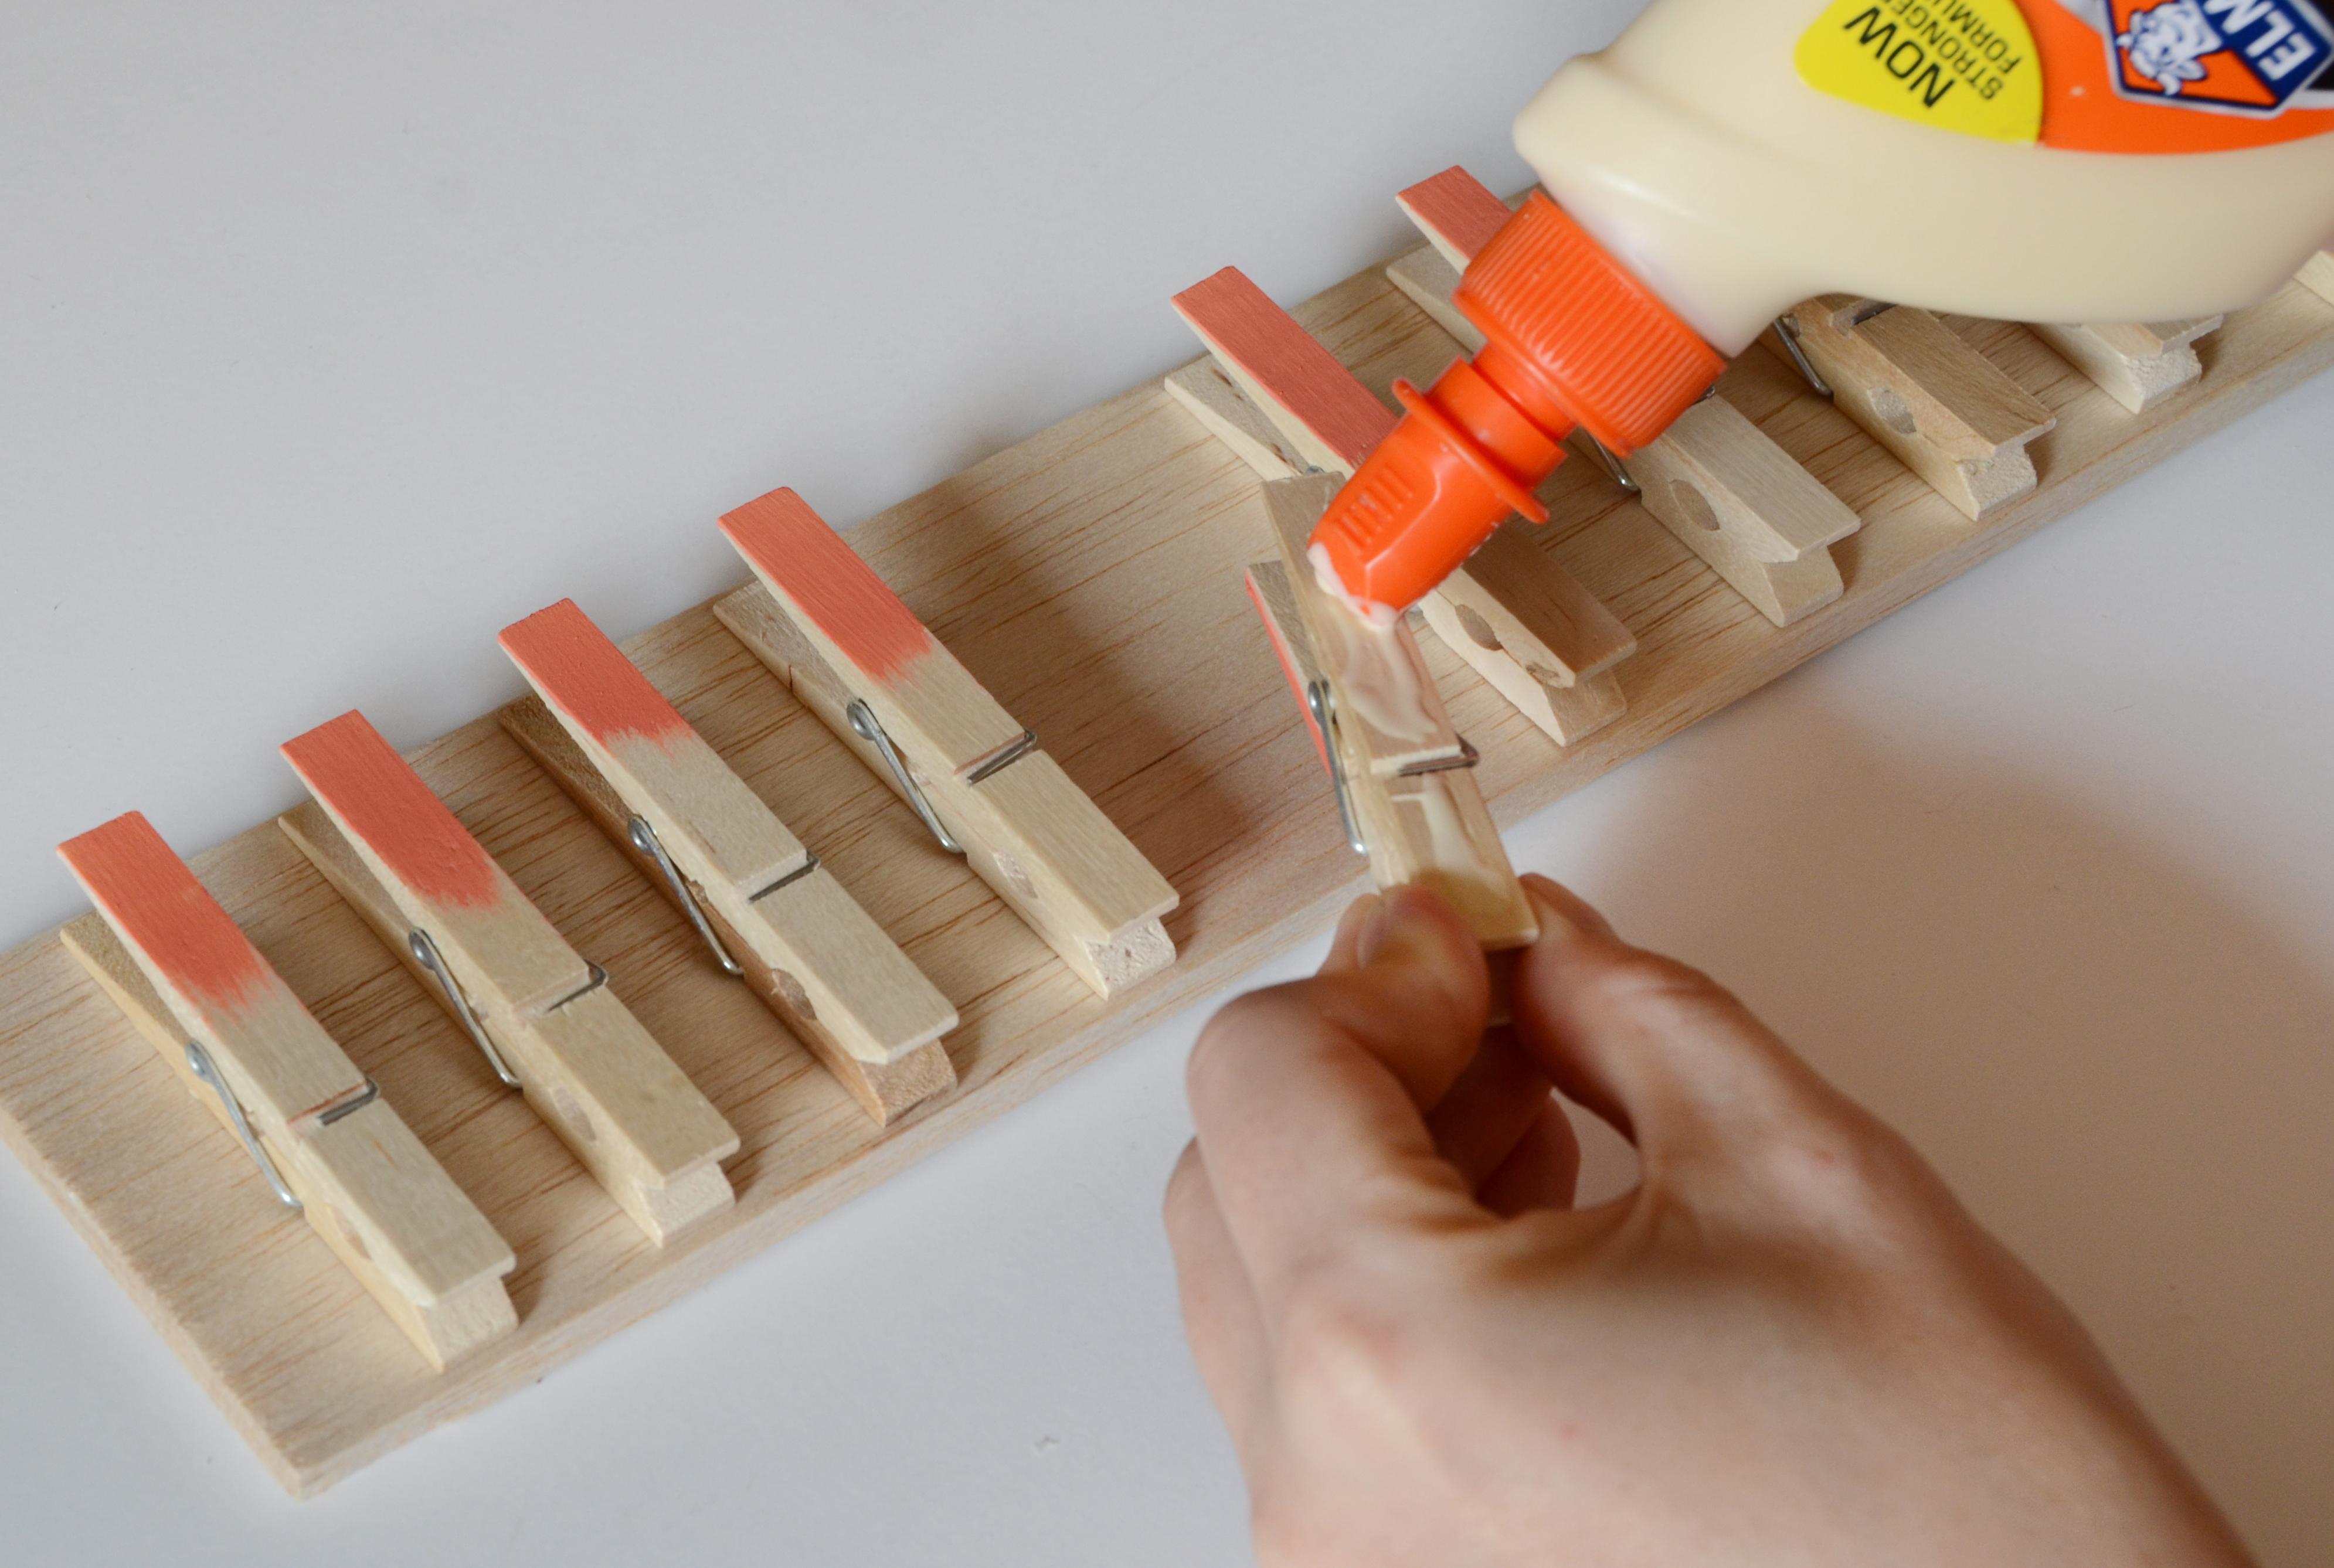 diy-iskoristite-kvacice-za-rublje-za-izradu-vjesalice-5